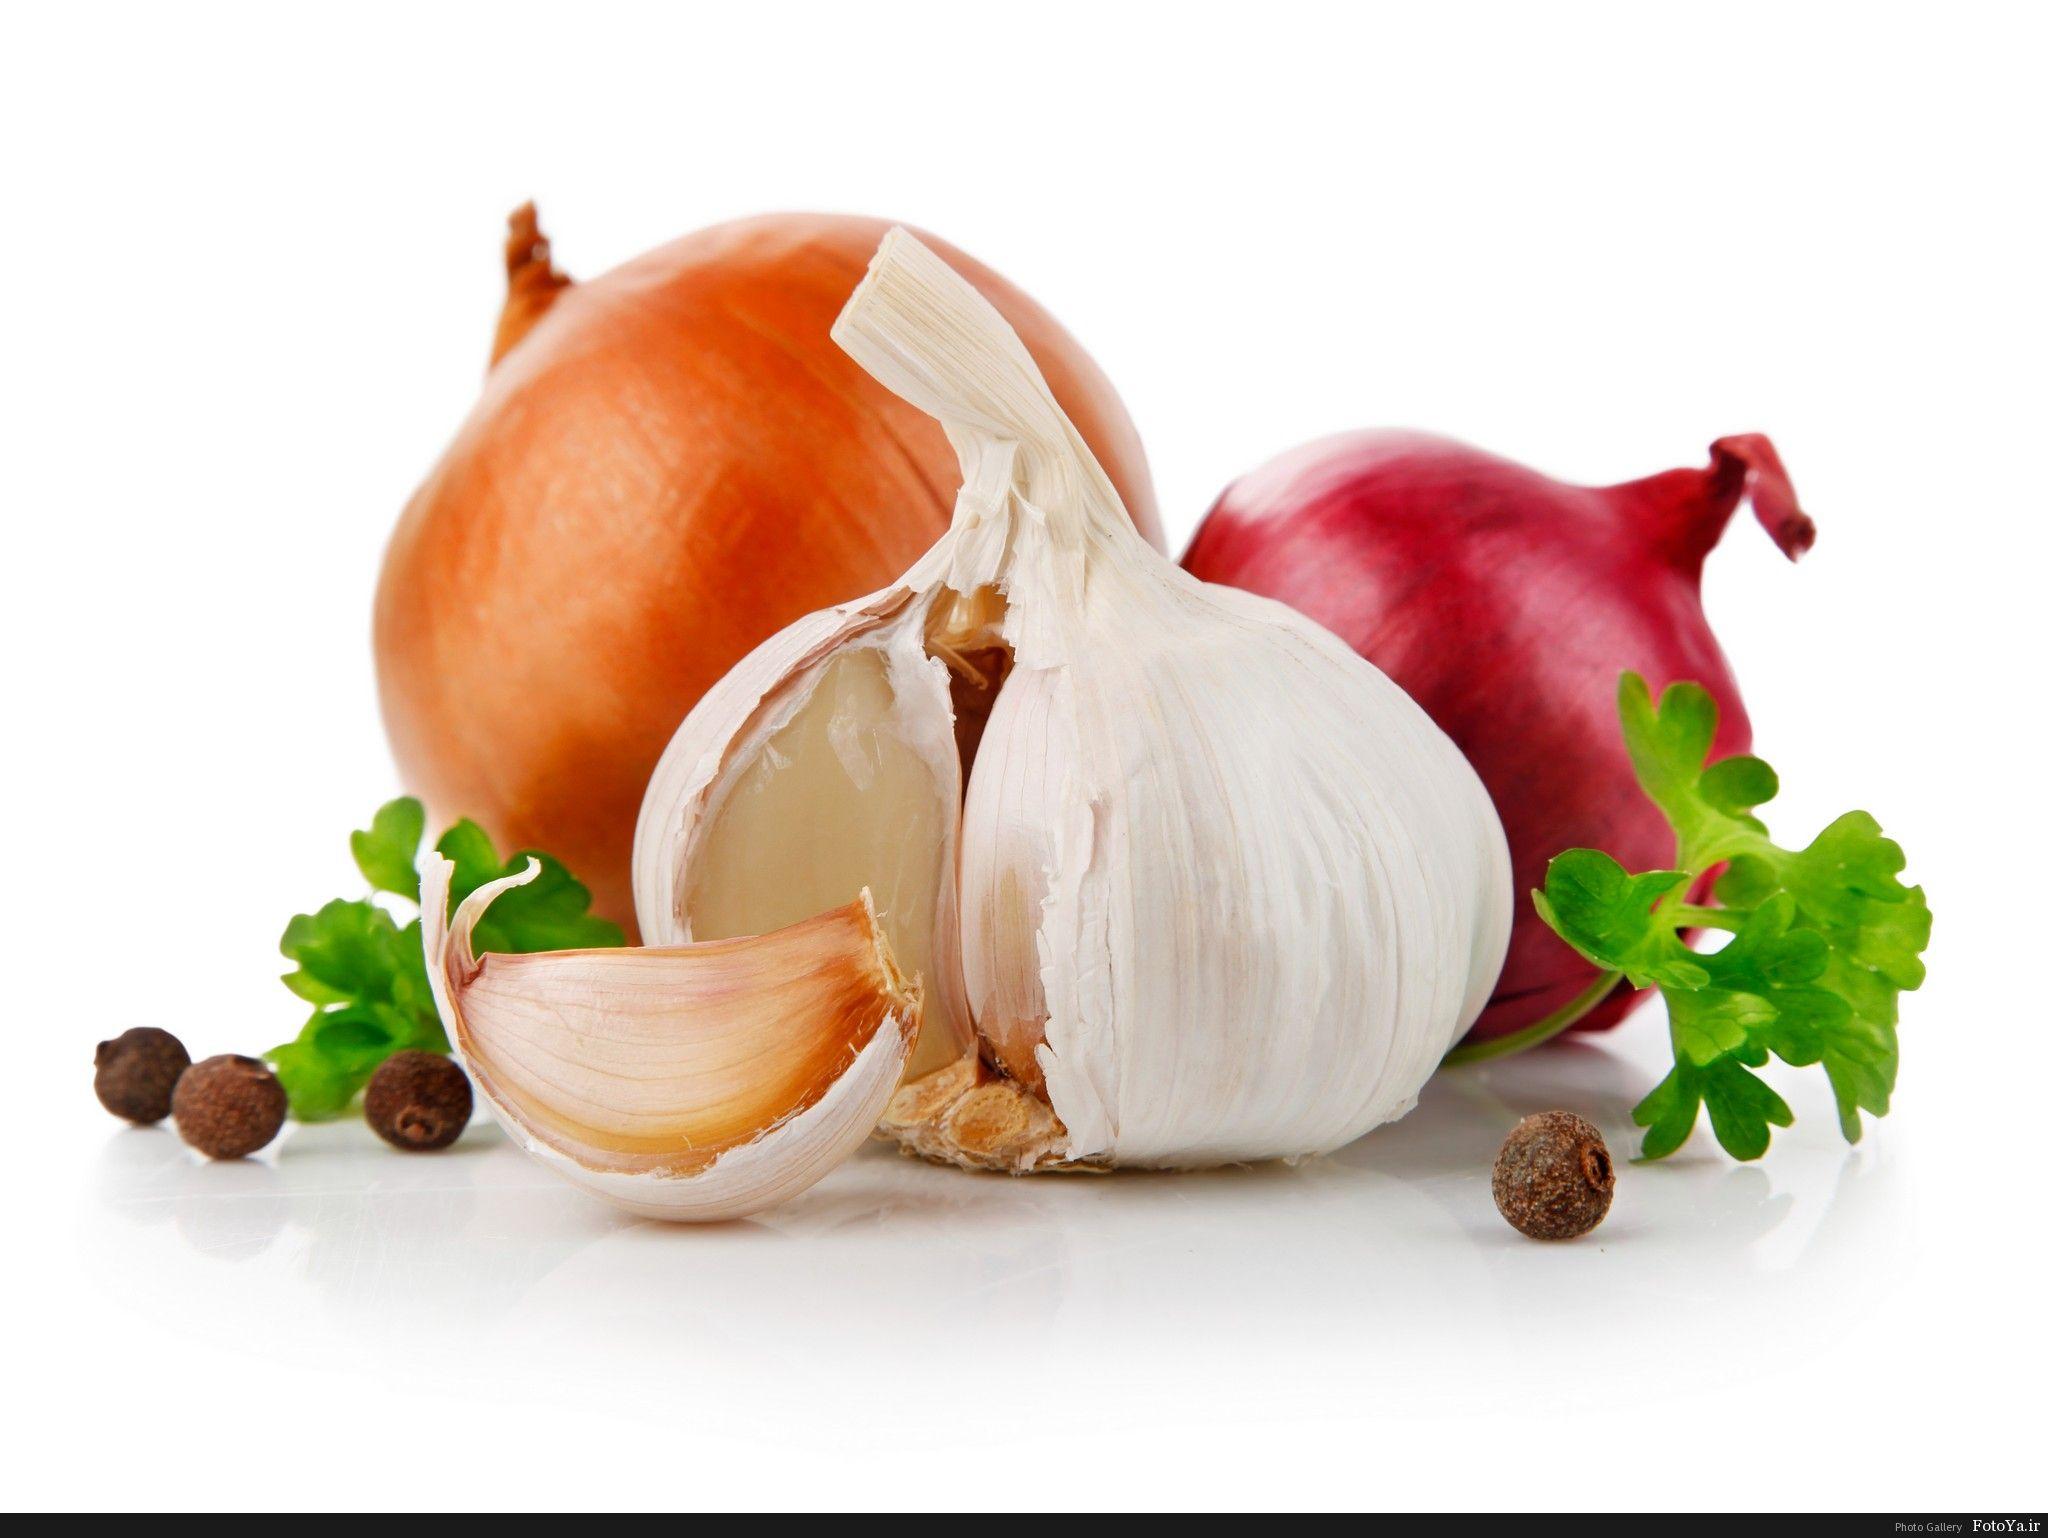 سیر، پیاز، موسیر و قارچ بیشتر مصرف کنید/ سرفه سرماخوردگی یا عفونت فوقانی تنفسی به درمان نیازی ندارد